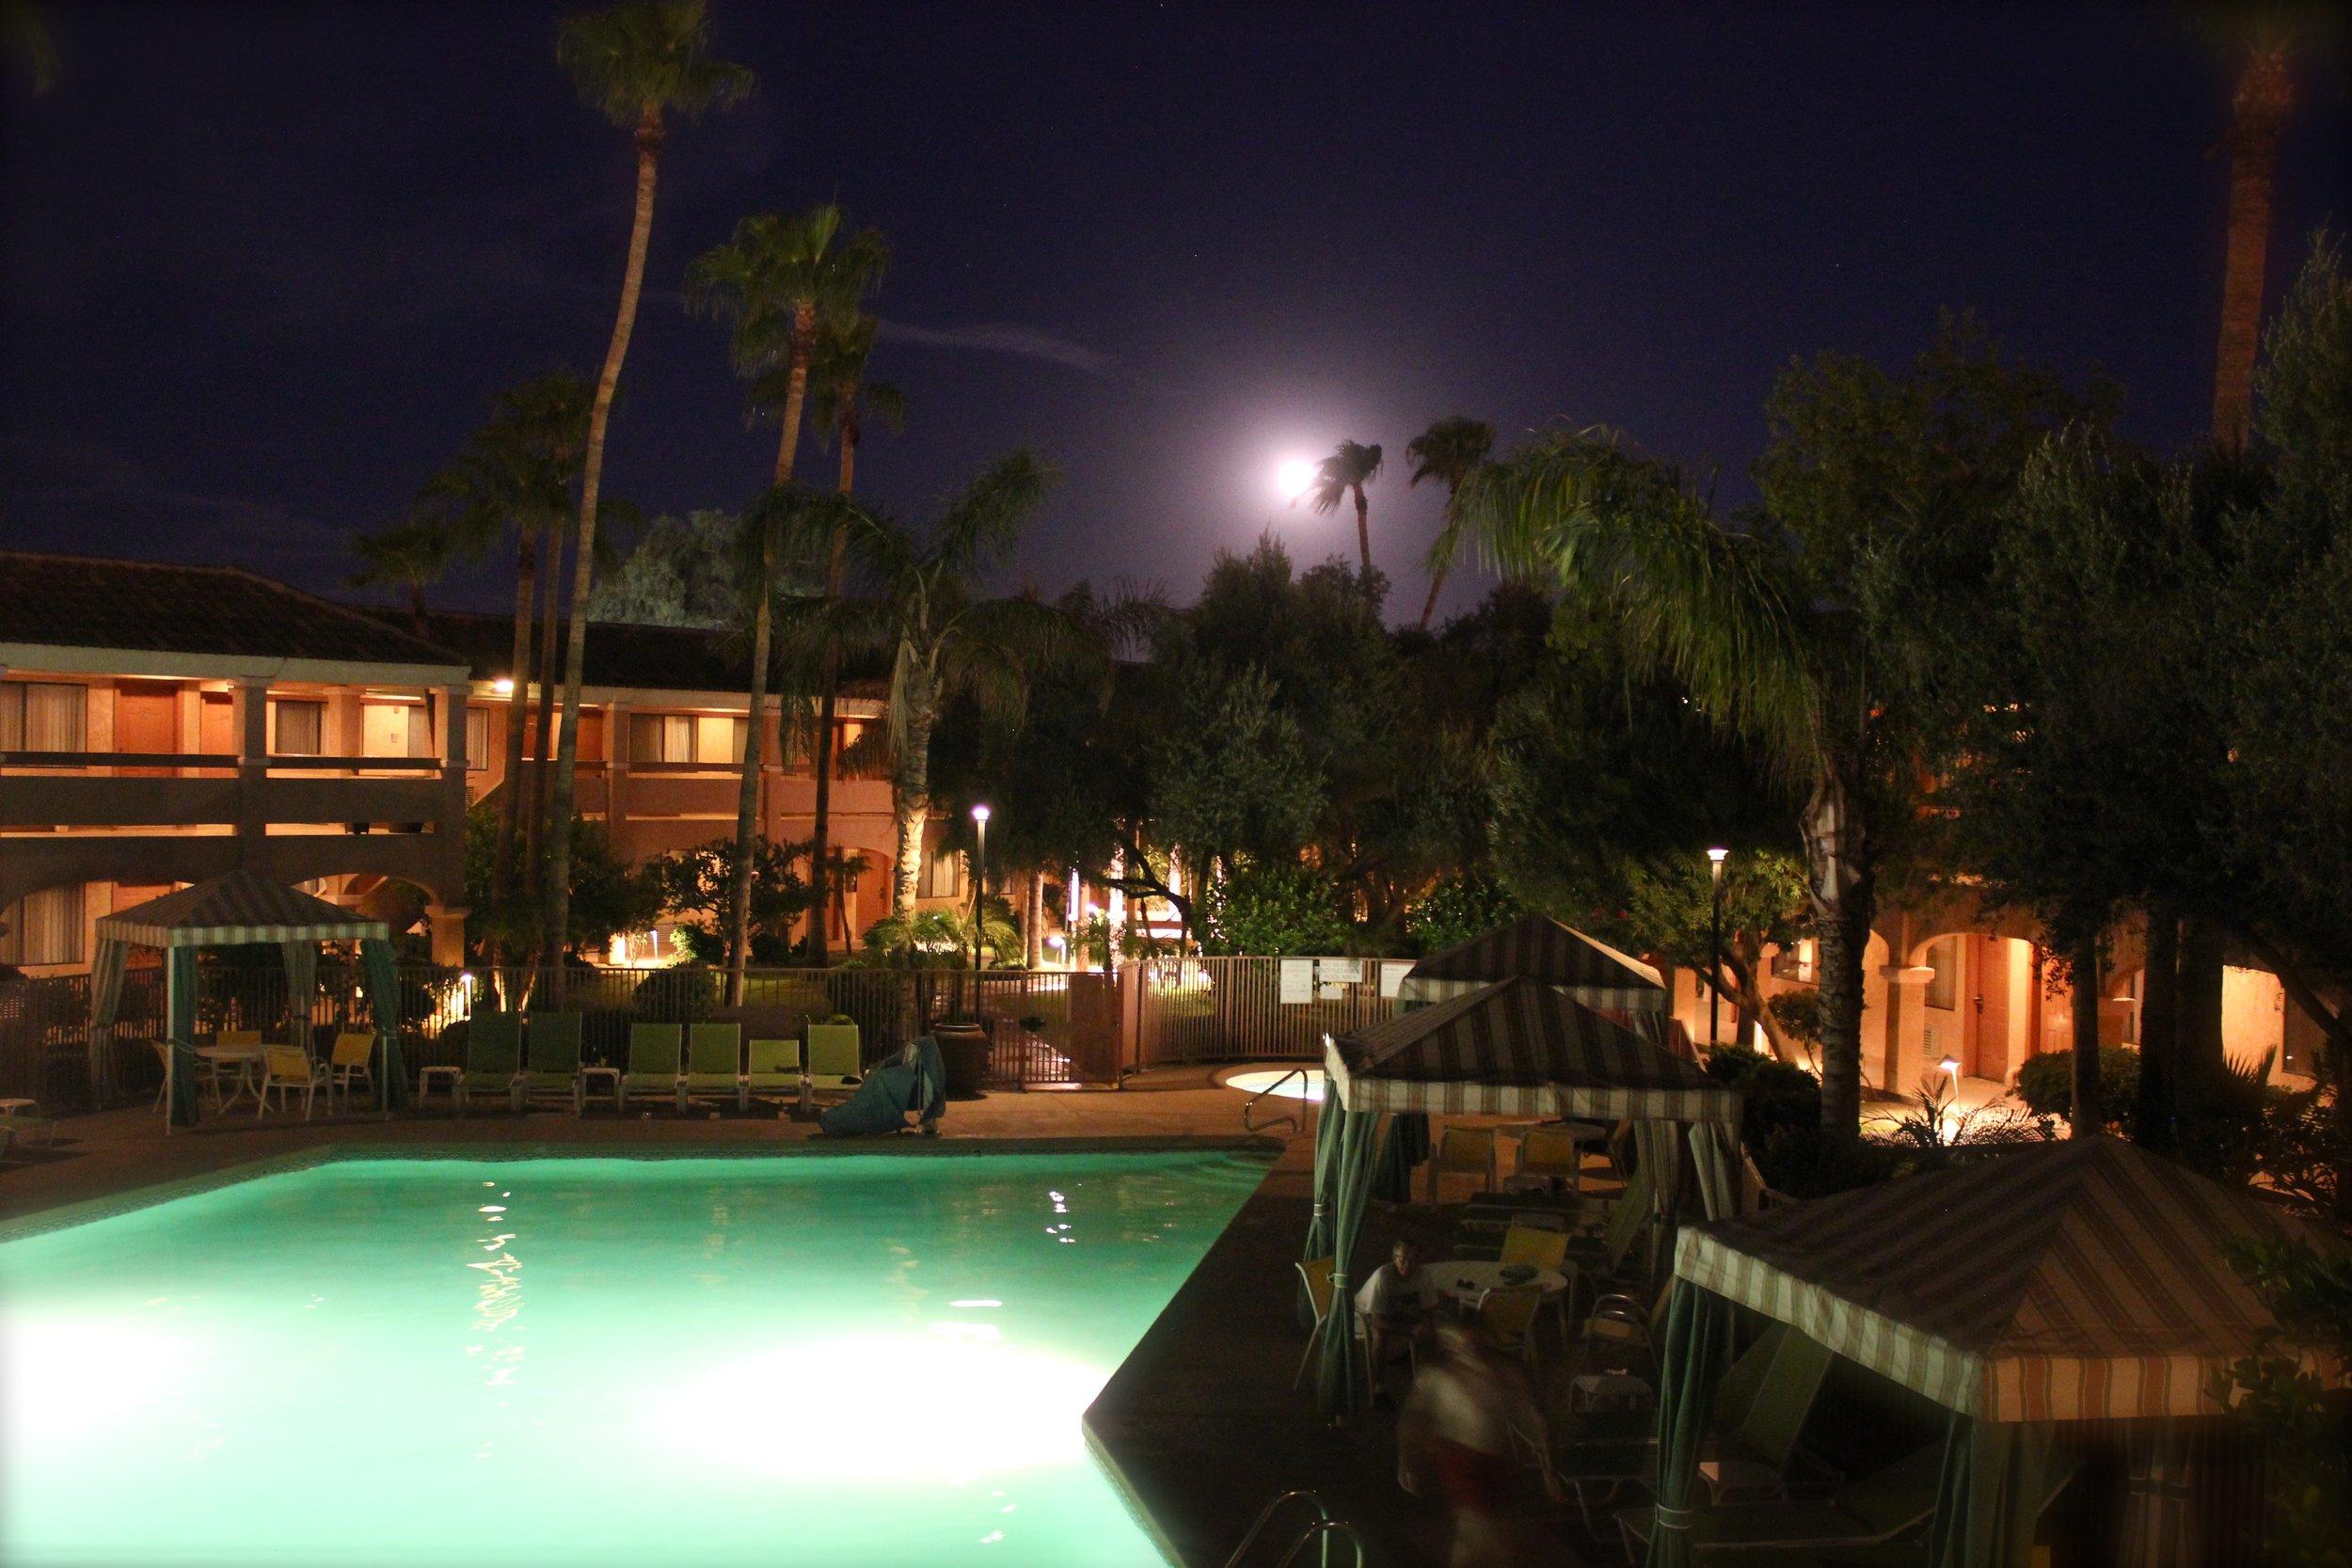 11. full moons of summer.